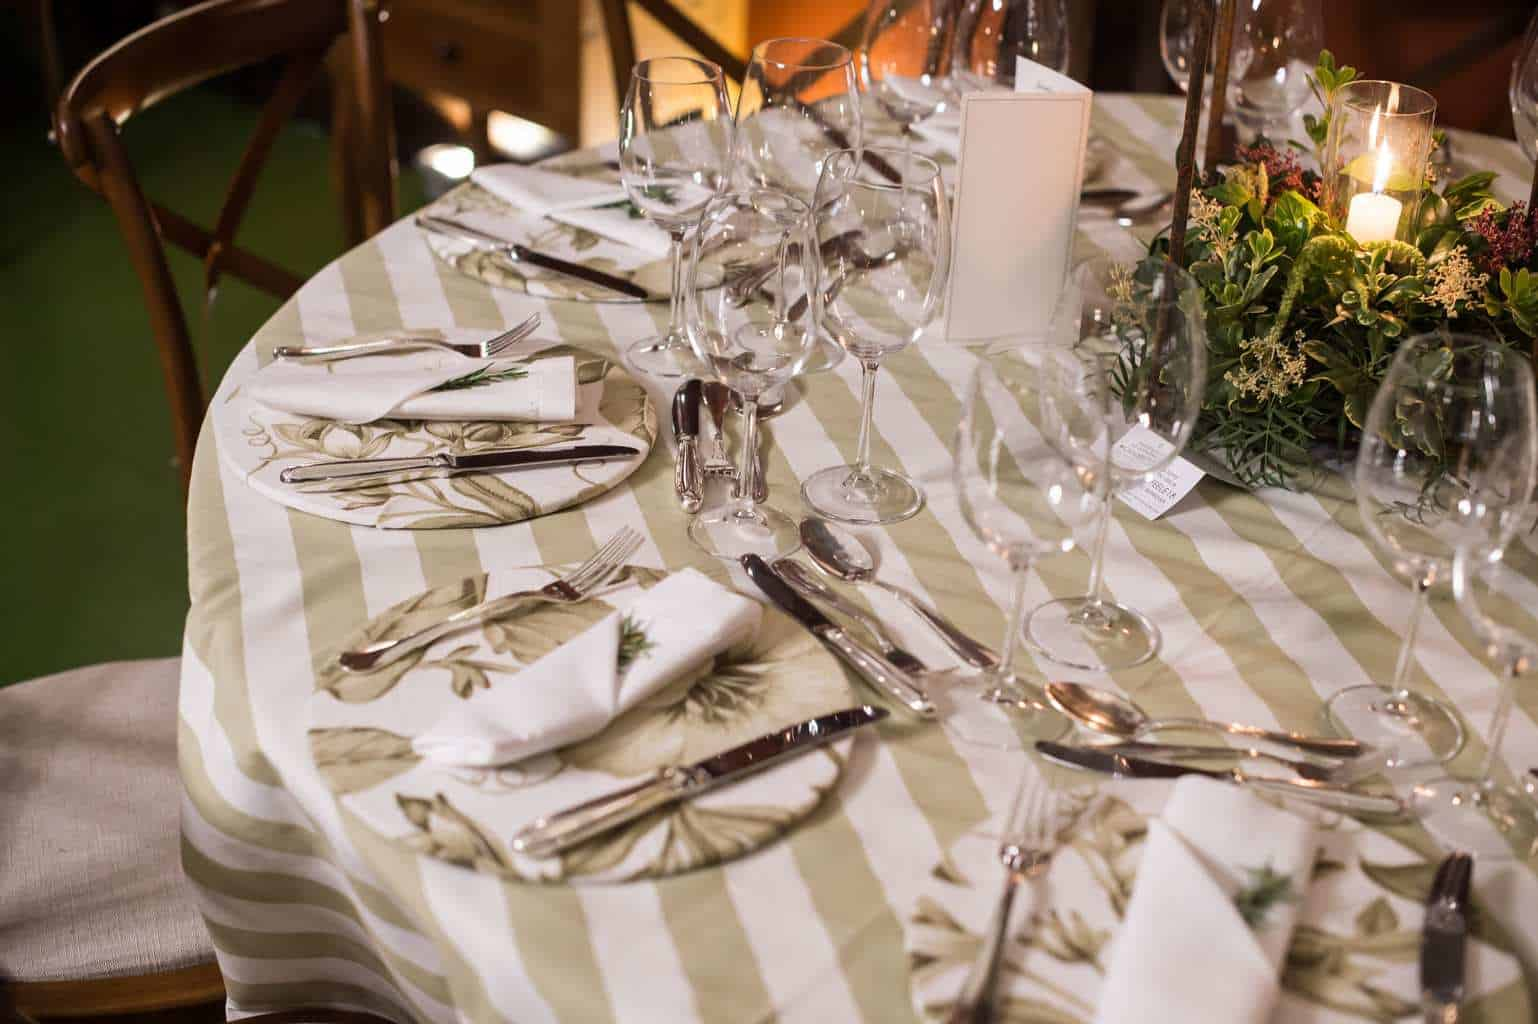 casamento-fernanda-e-leandro-casamento-sp-Fotografia-Produtora-7-casamento-clássico-casamento-tradicional-wedding-45